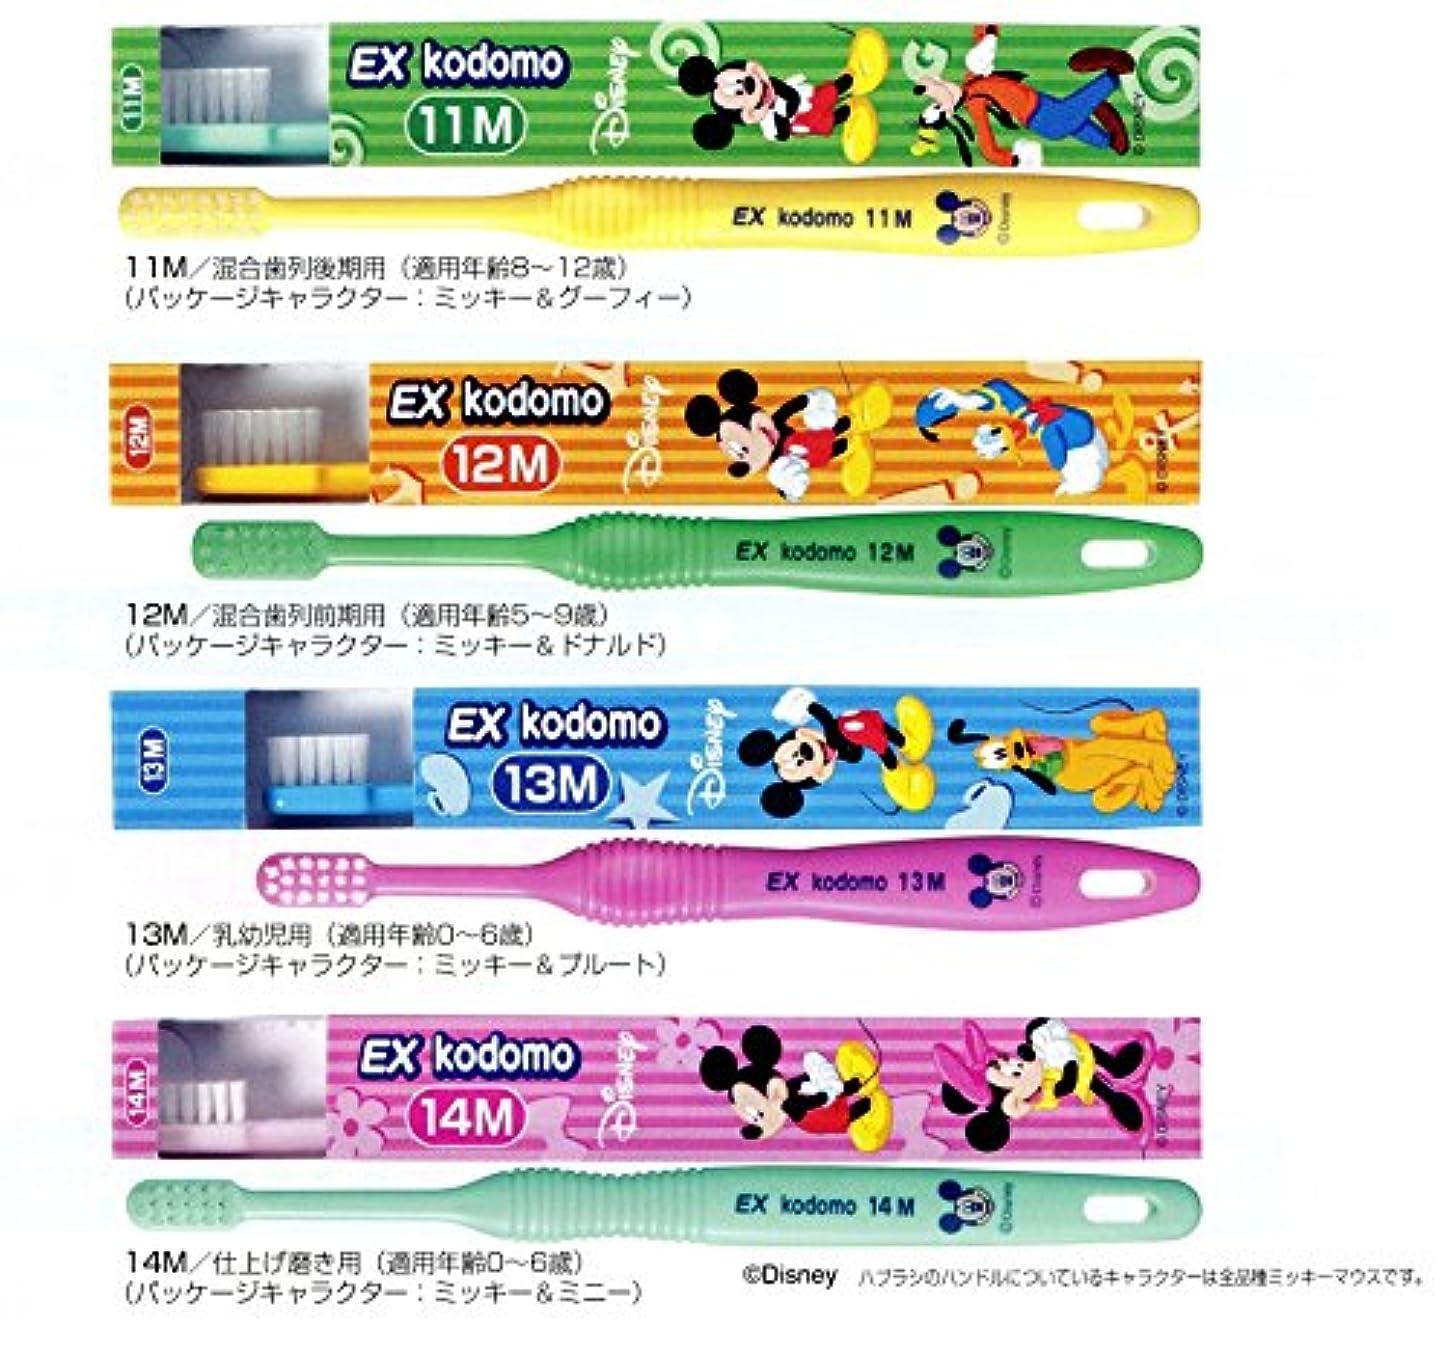 罰するつづりマッシュライオン コドモ ディズニー DENT.EX kodomo Disney 1本 12M ブルー (5?9歳)